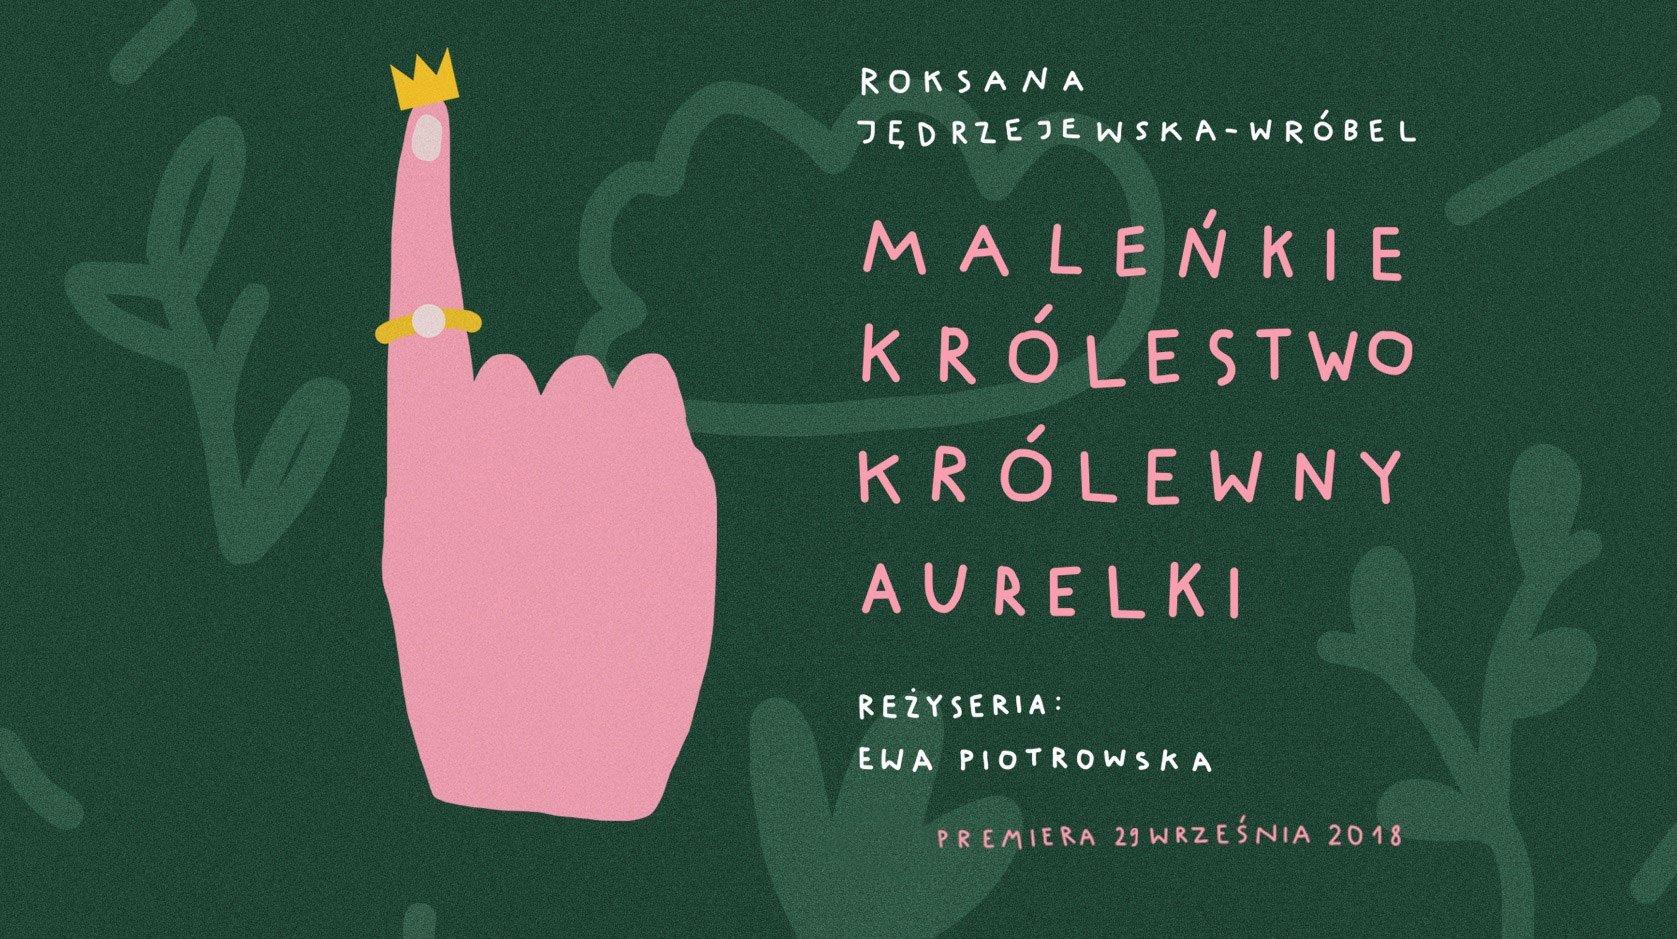 Maleńkie Królestwo królewny Aurelki - spektakl